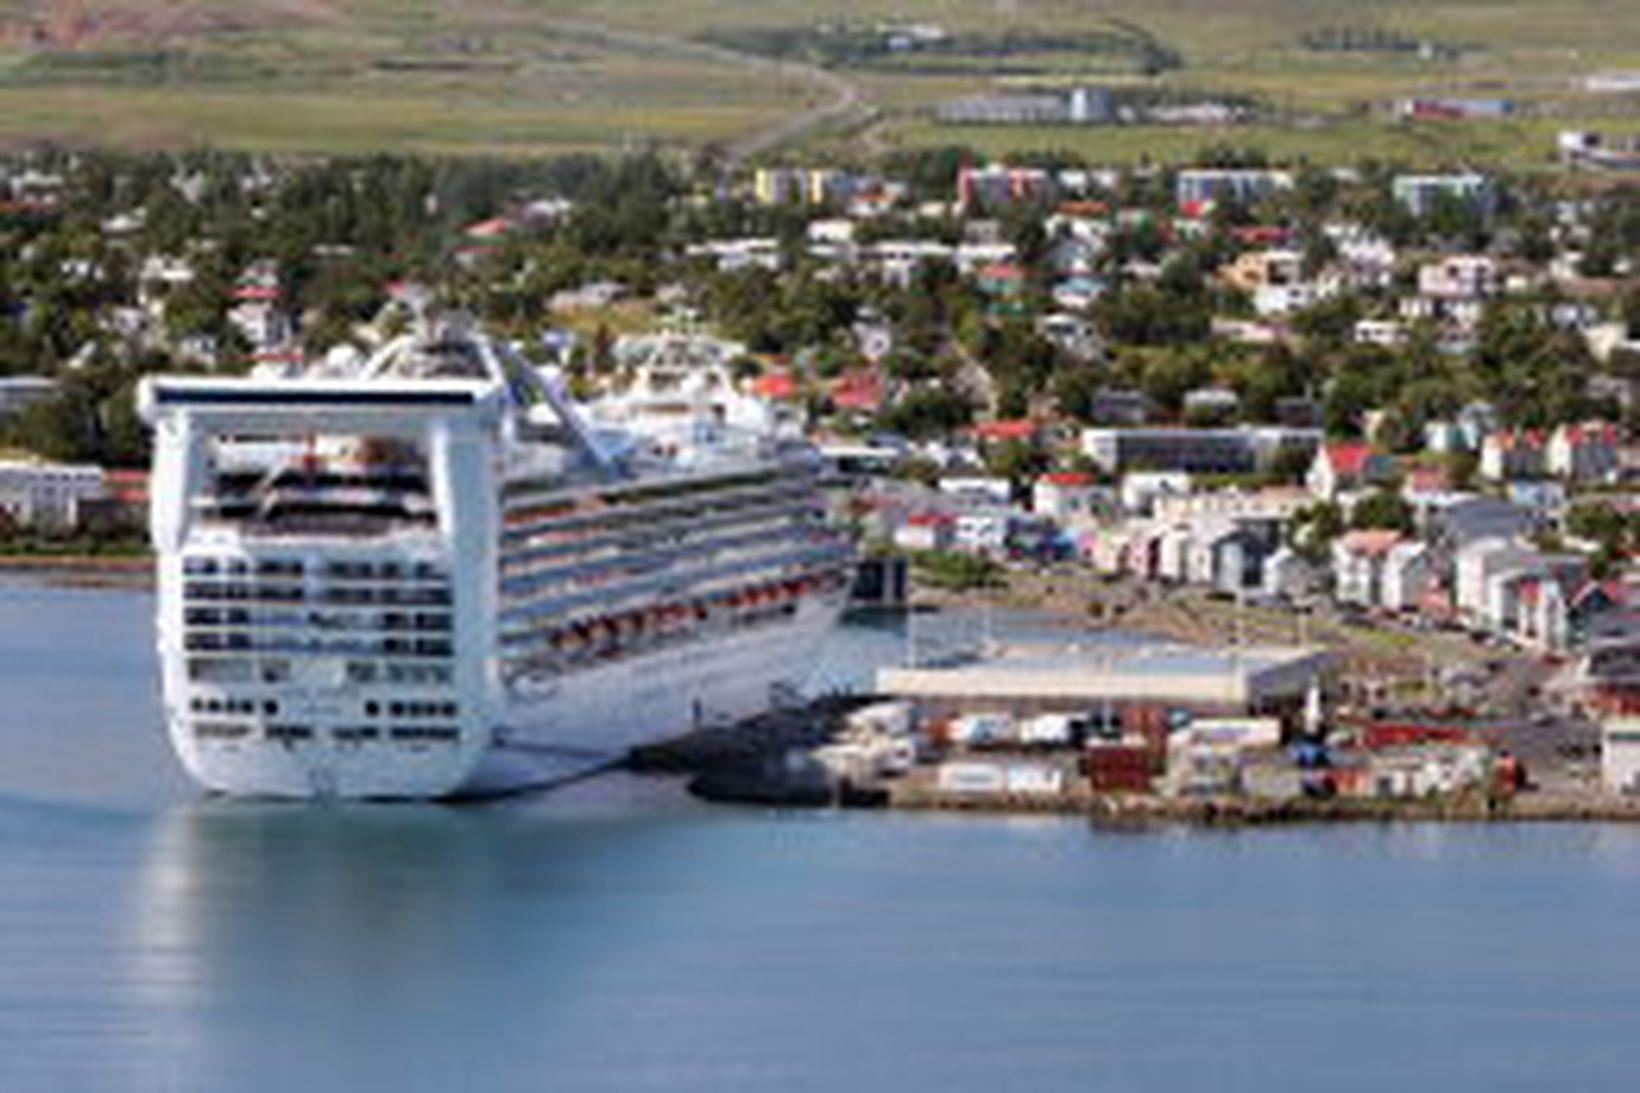 Grand Princess við höfn á Akureyri.